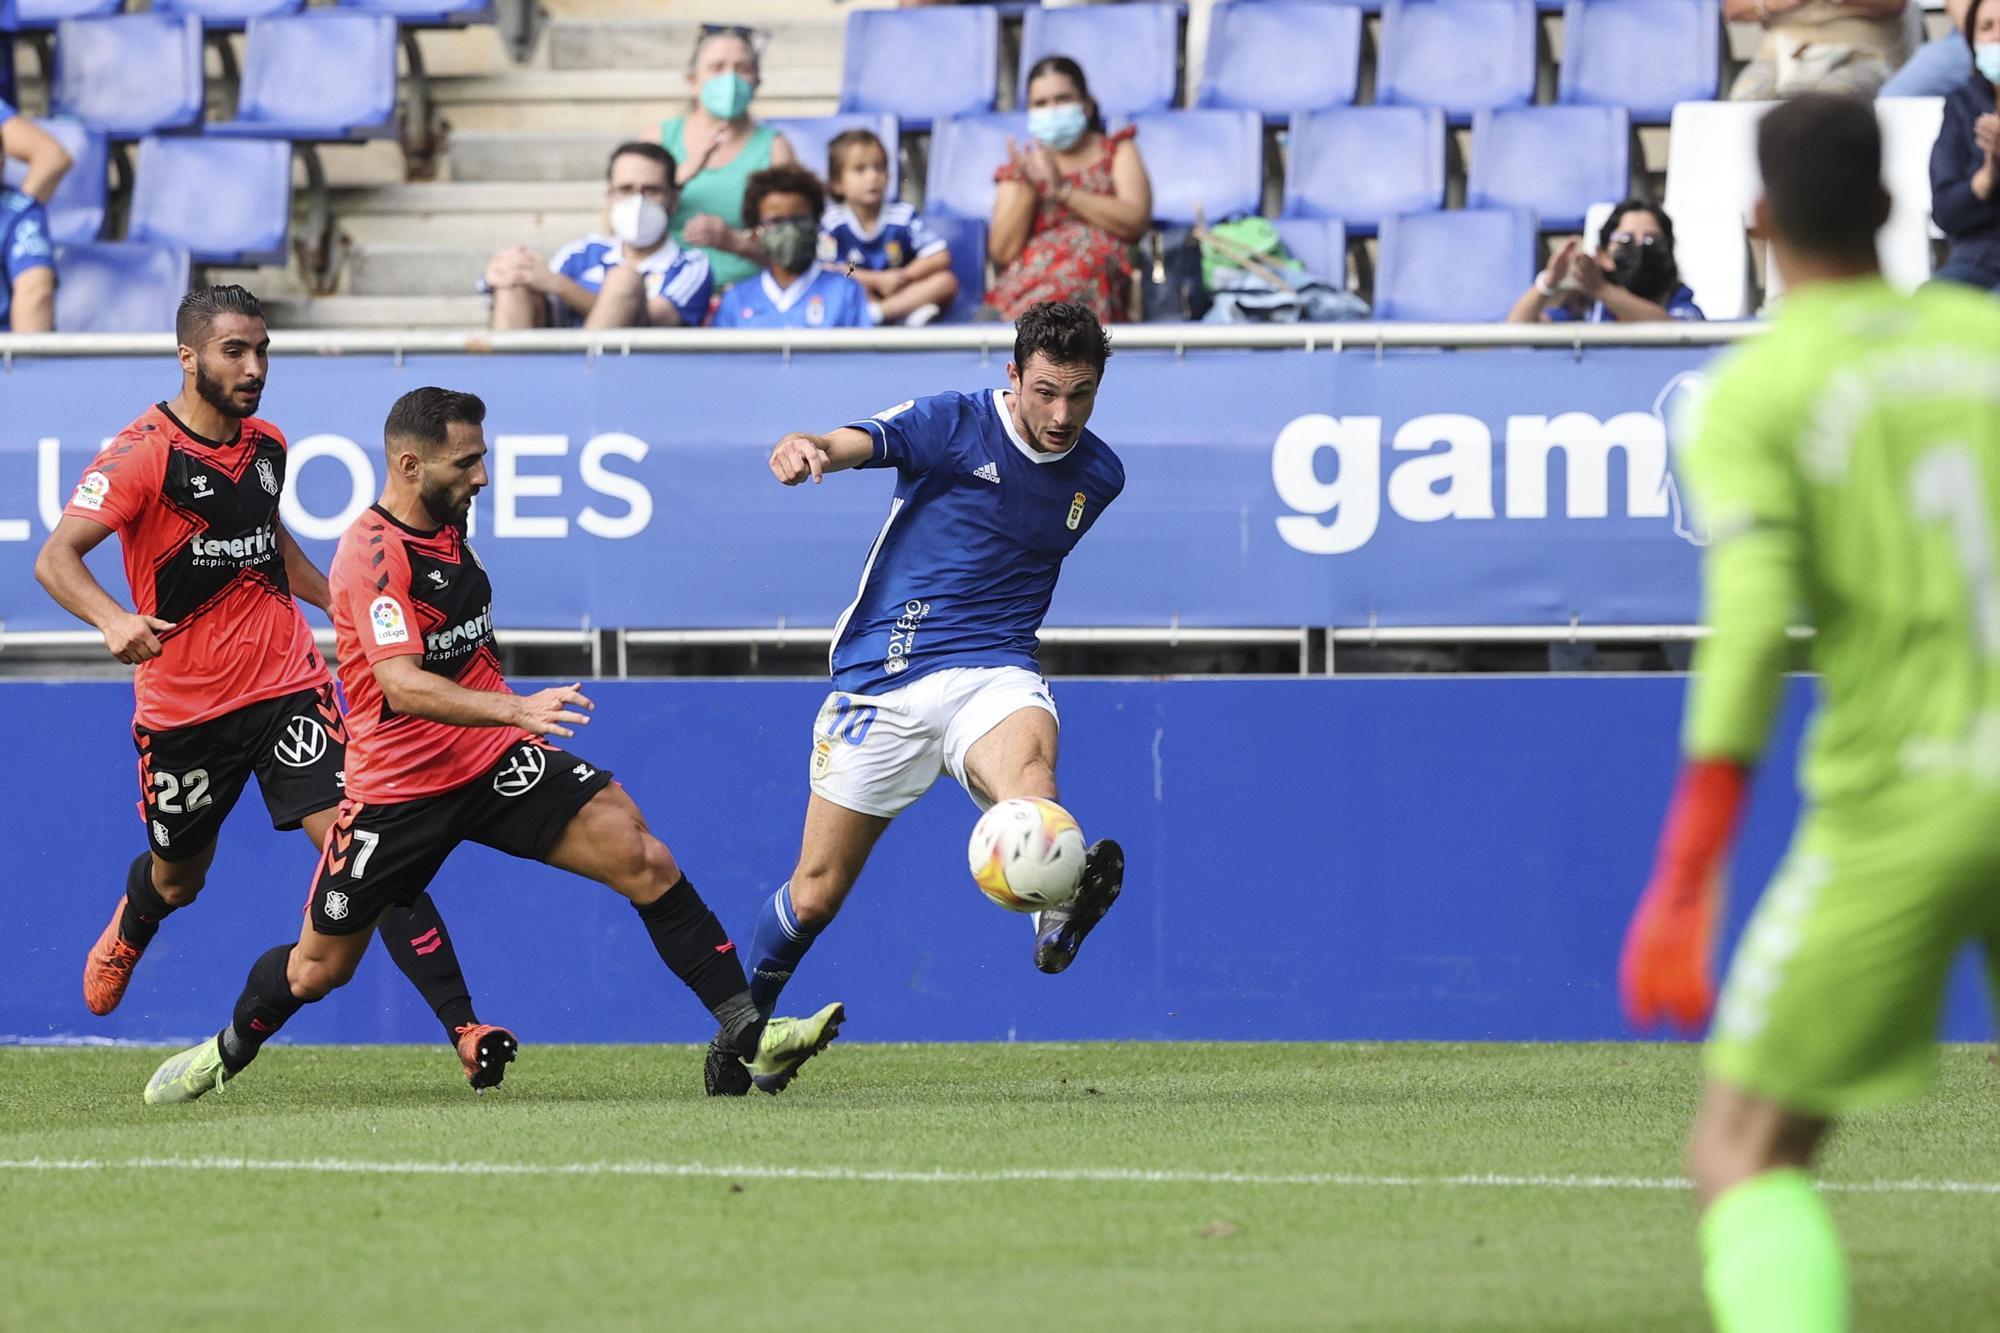 EN IMÁGENES: Así fue el Real Oviedo-Tenerife